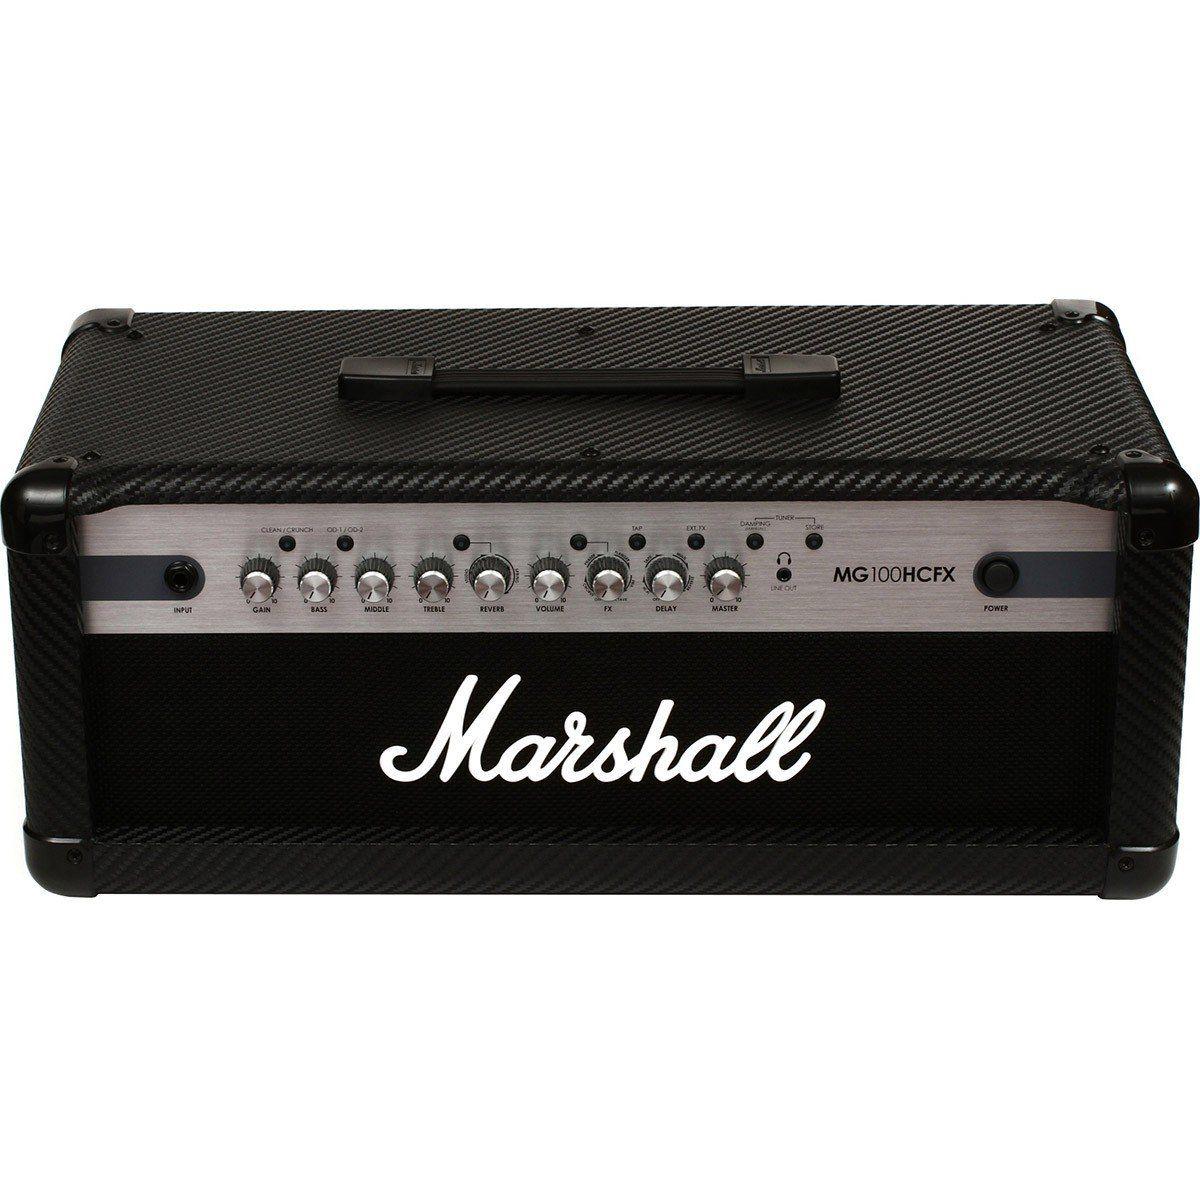 Marshall MG100HCFX Amplificador Cabeçote para Guitarra 100w de Potência